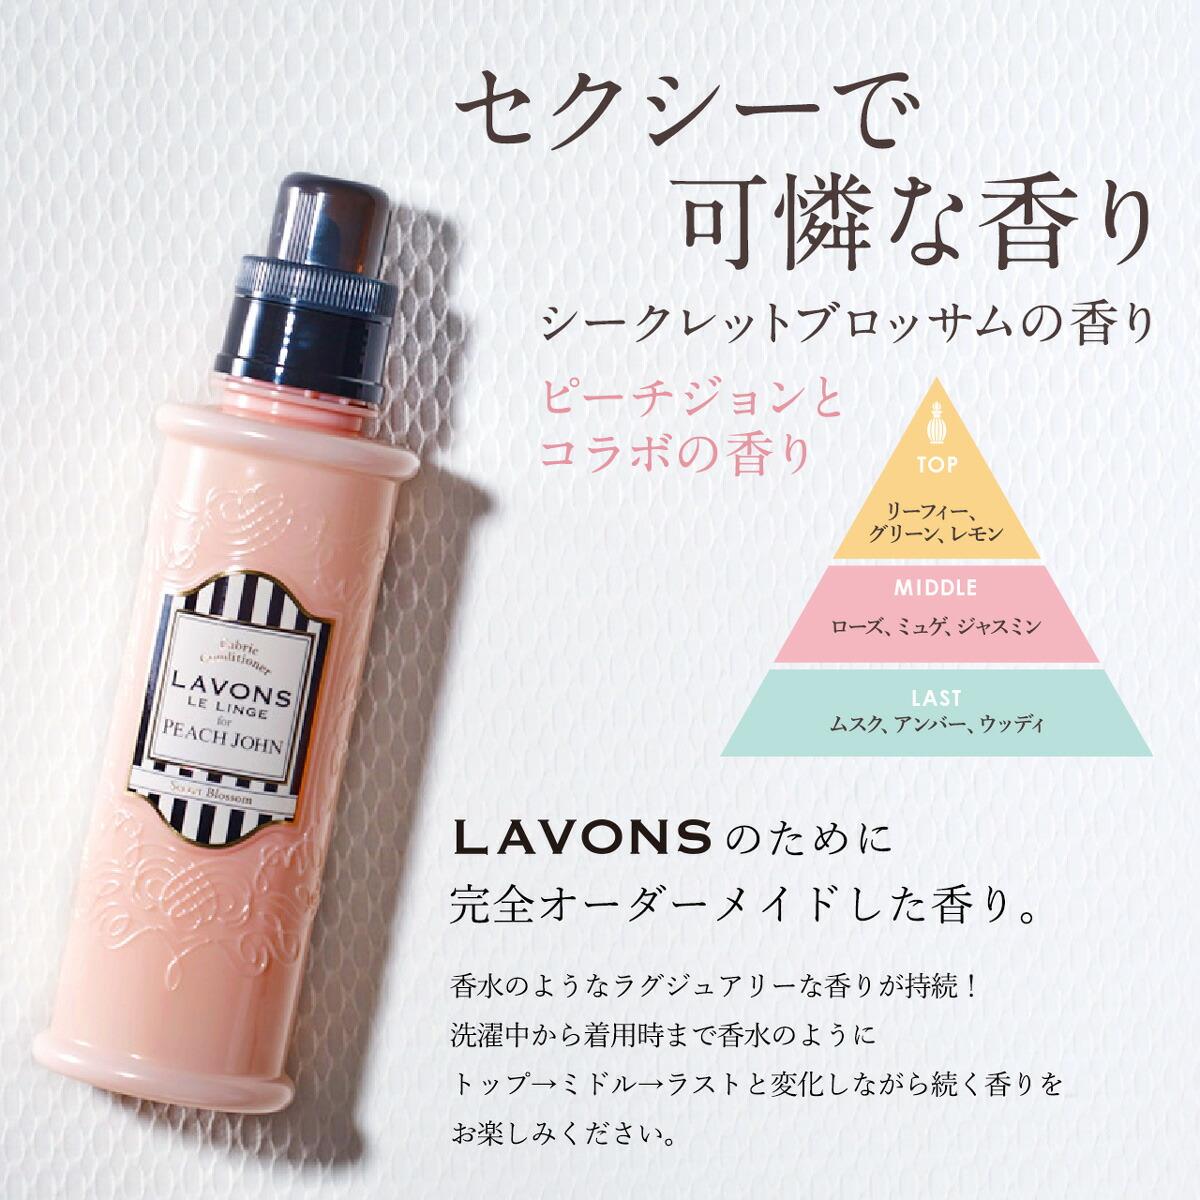 ネイチャーラボ楽天公式:ラボン for PEACH JOHN シークレットブロッサムの香り 柔軟剤 詰め替え 480ml・イメージ写真3